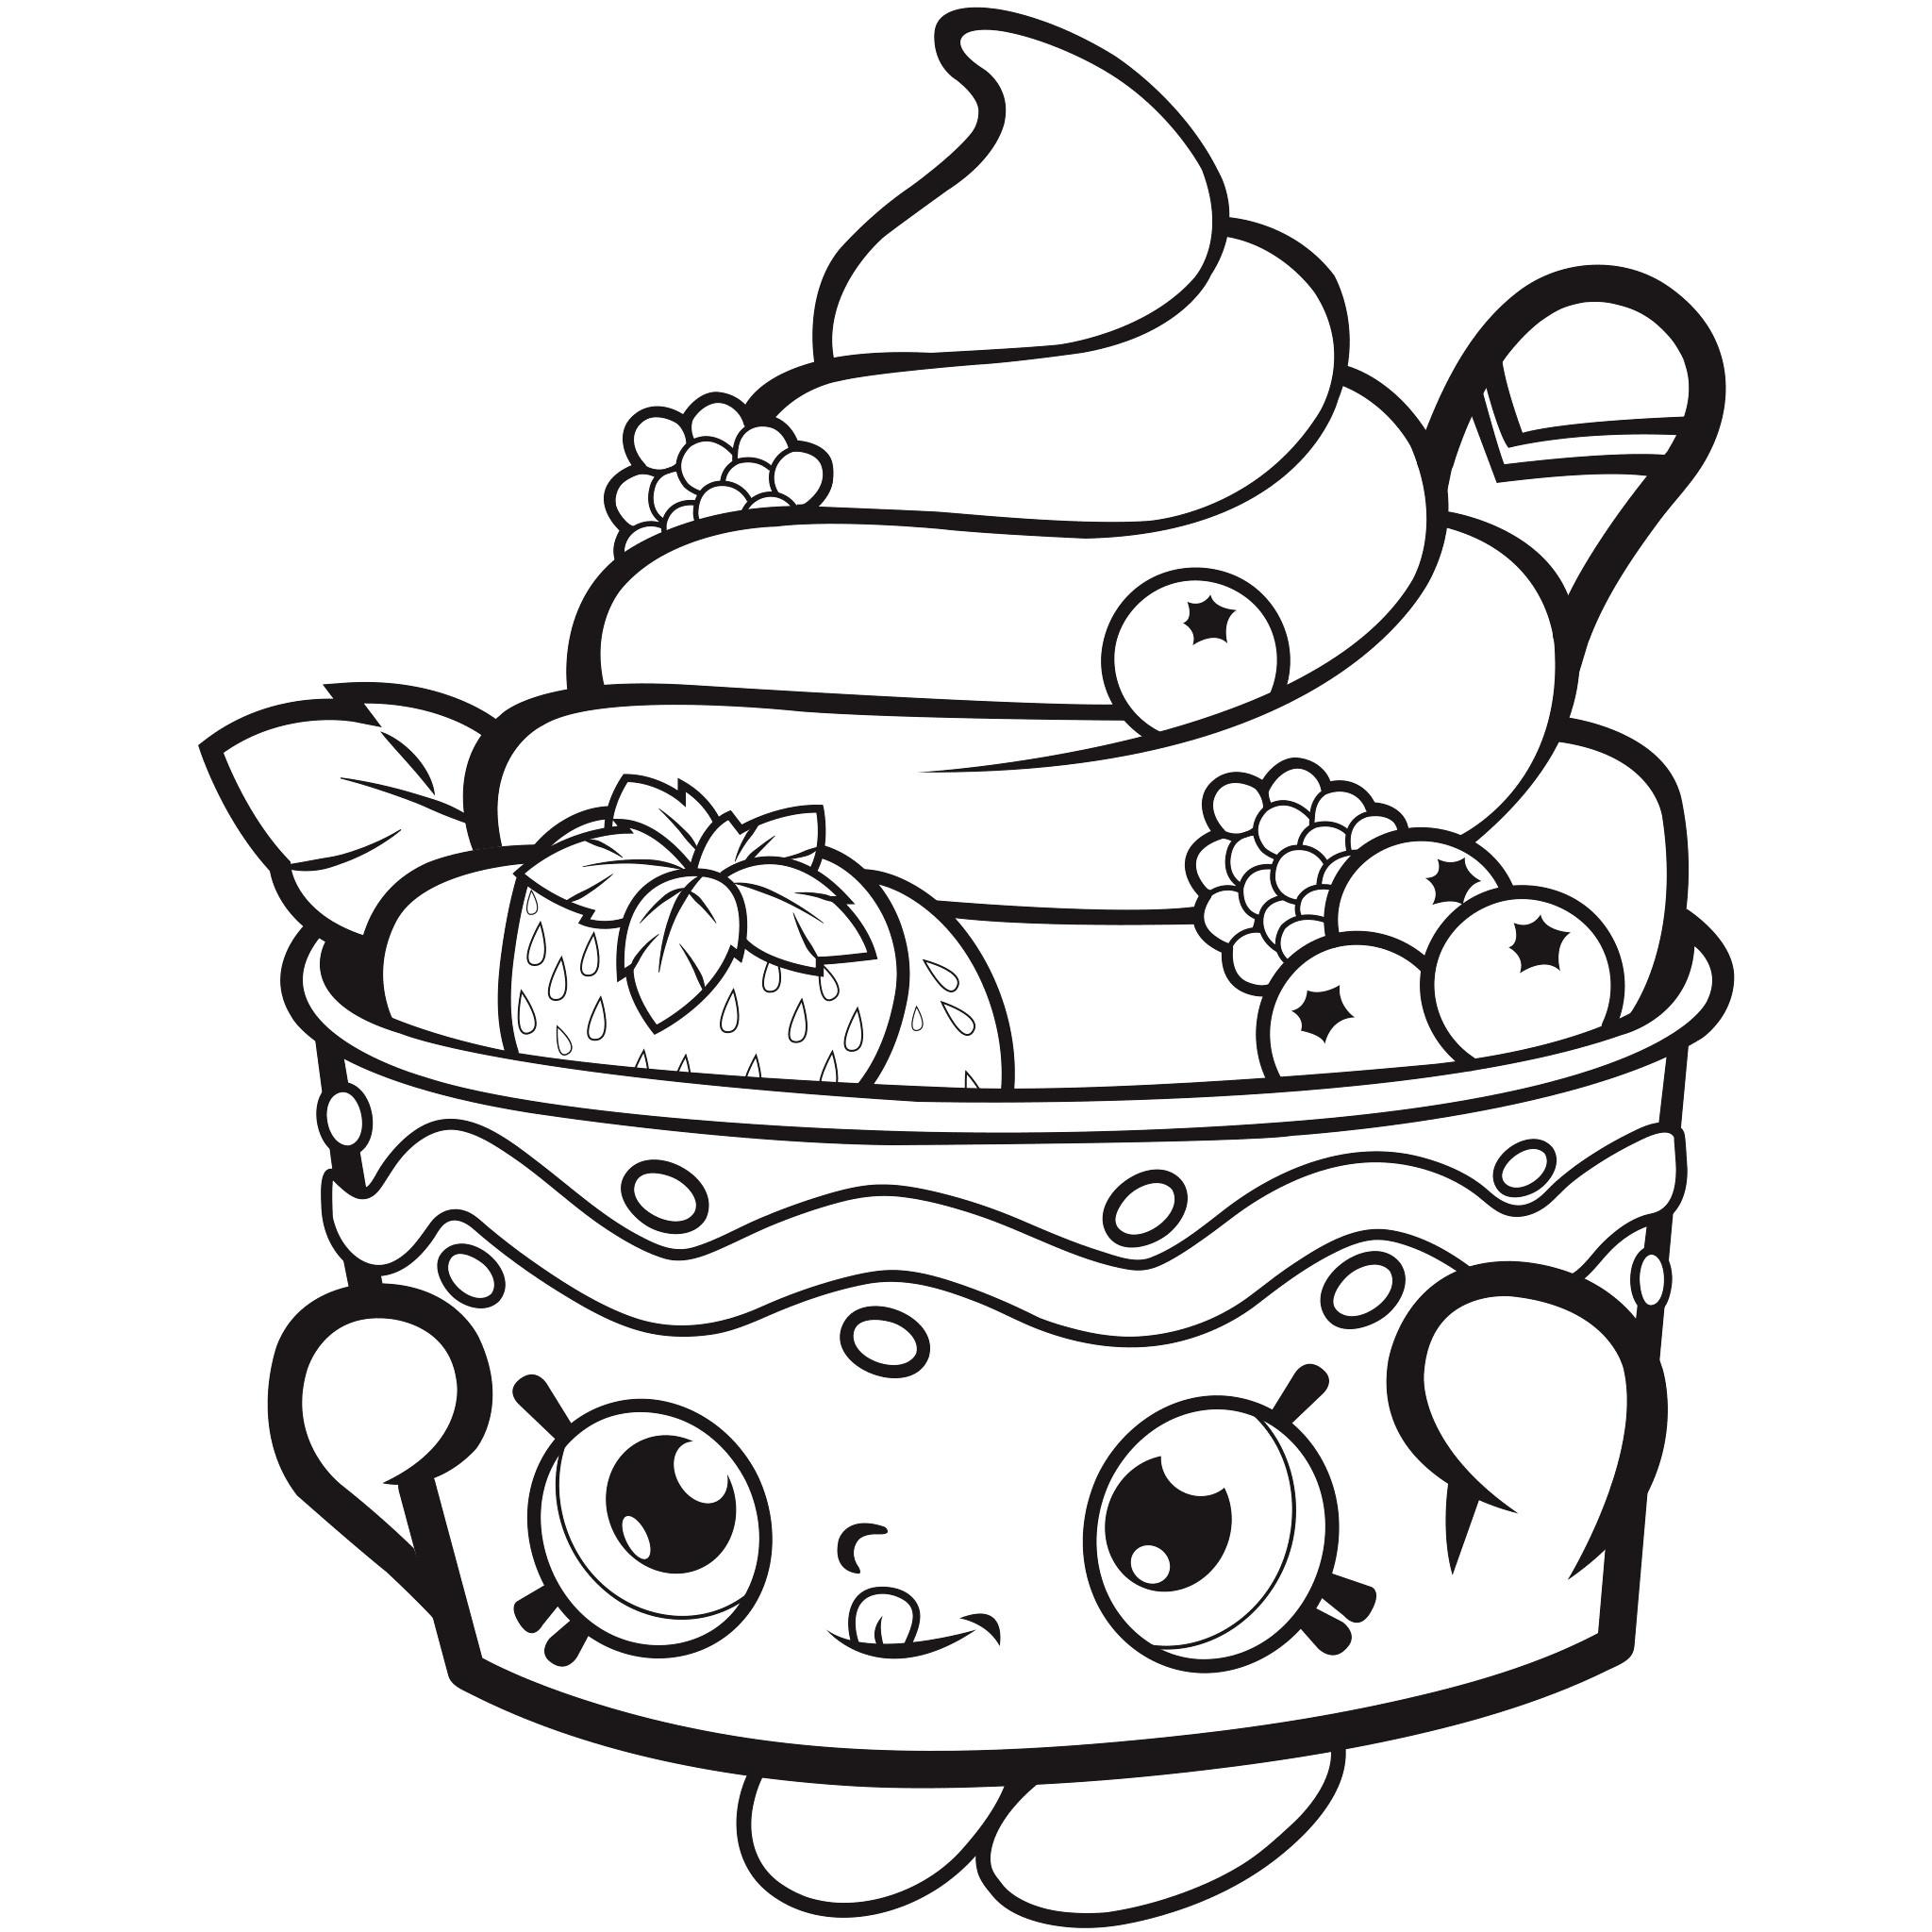 Shopkins Printable Coloring Sheets  Shopkins Coloring Pages Best Coloring Pages For Kids